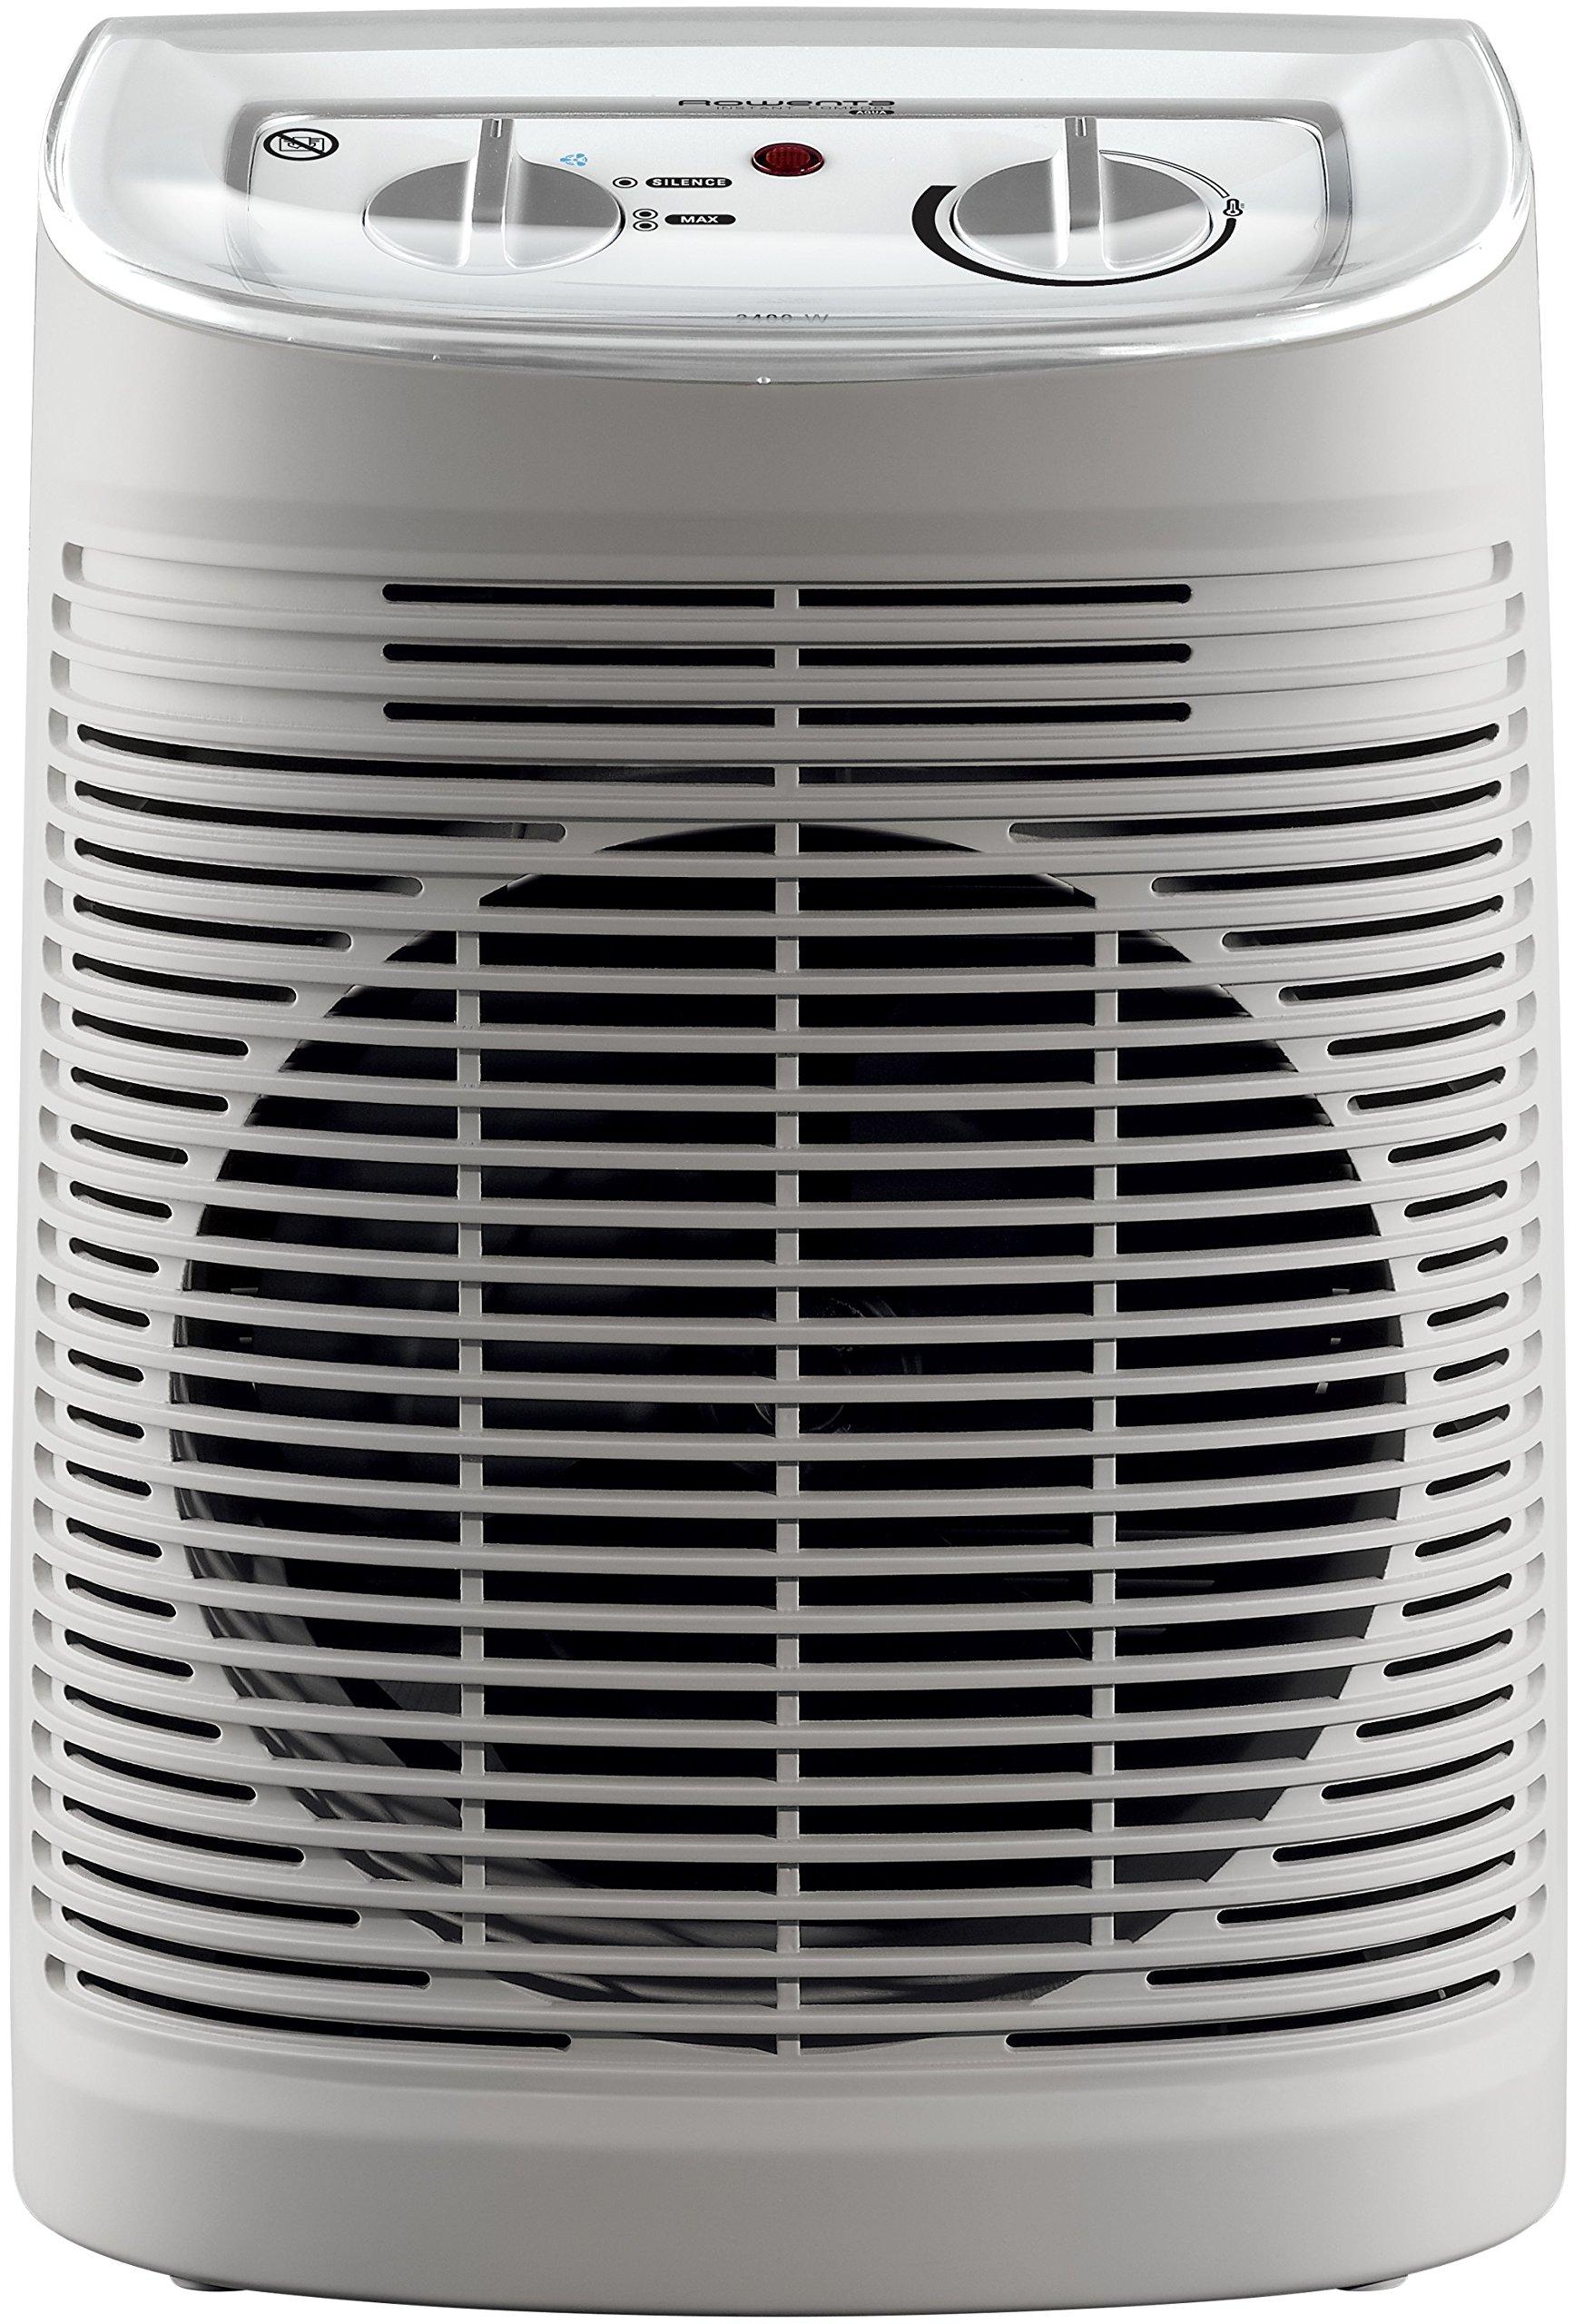 Rowenta-SO6510-Instant-Comfort-Aqua-Termoventilatore-Termoconvettore-Potente-e-Silenzioso-Uso-Sicuro-in-Bagno